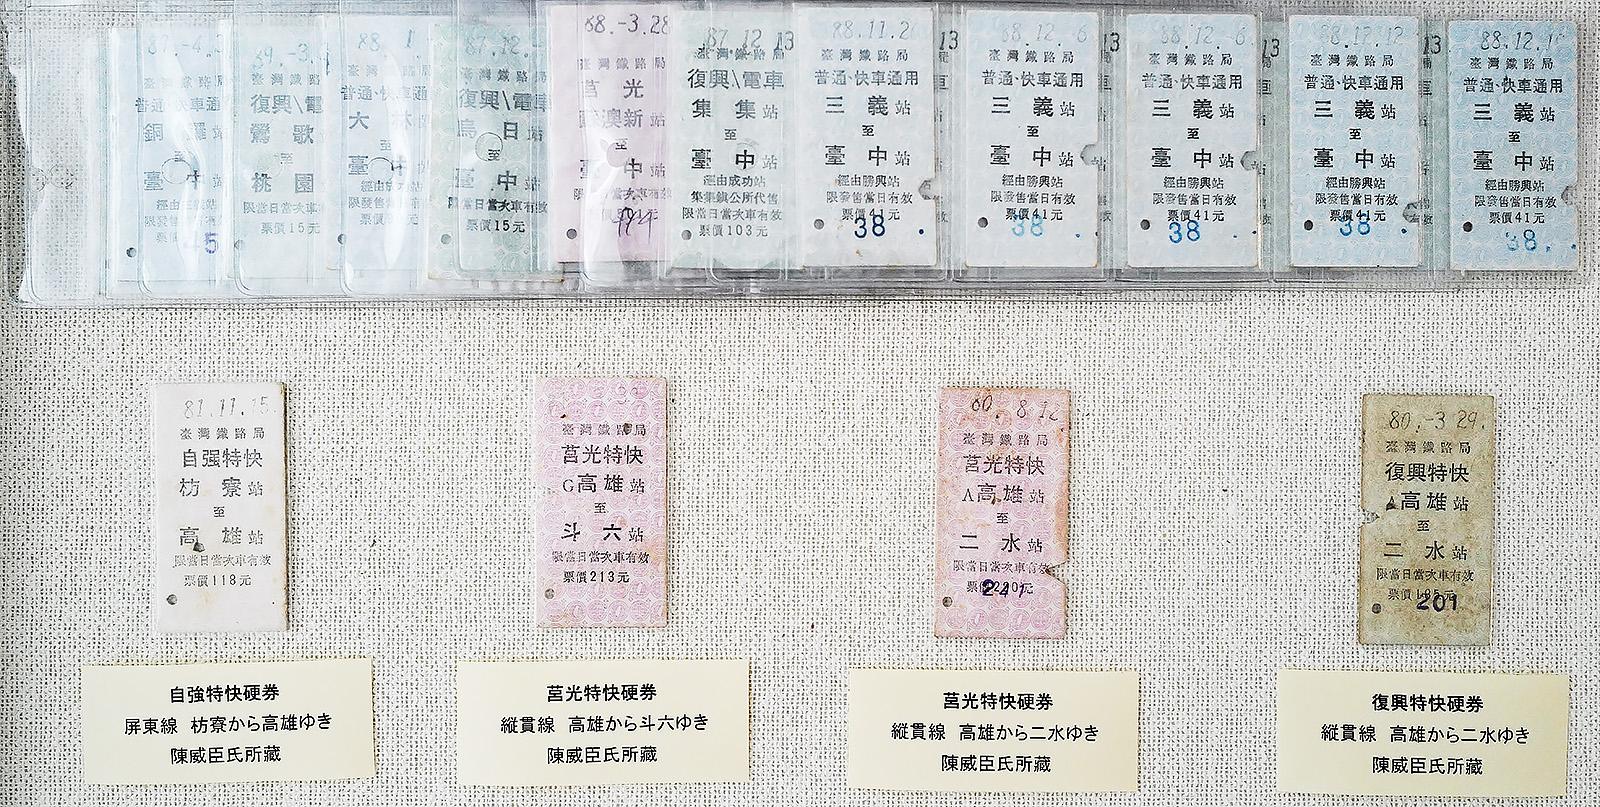 鉄道切符展13s.jpg